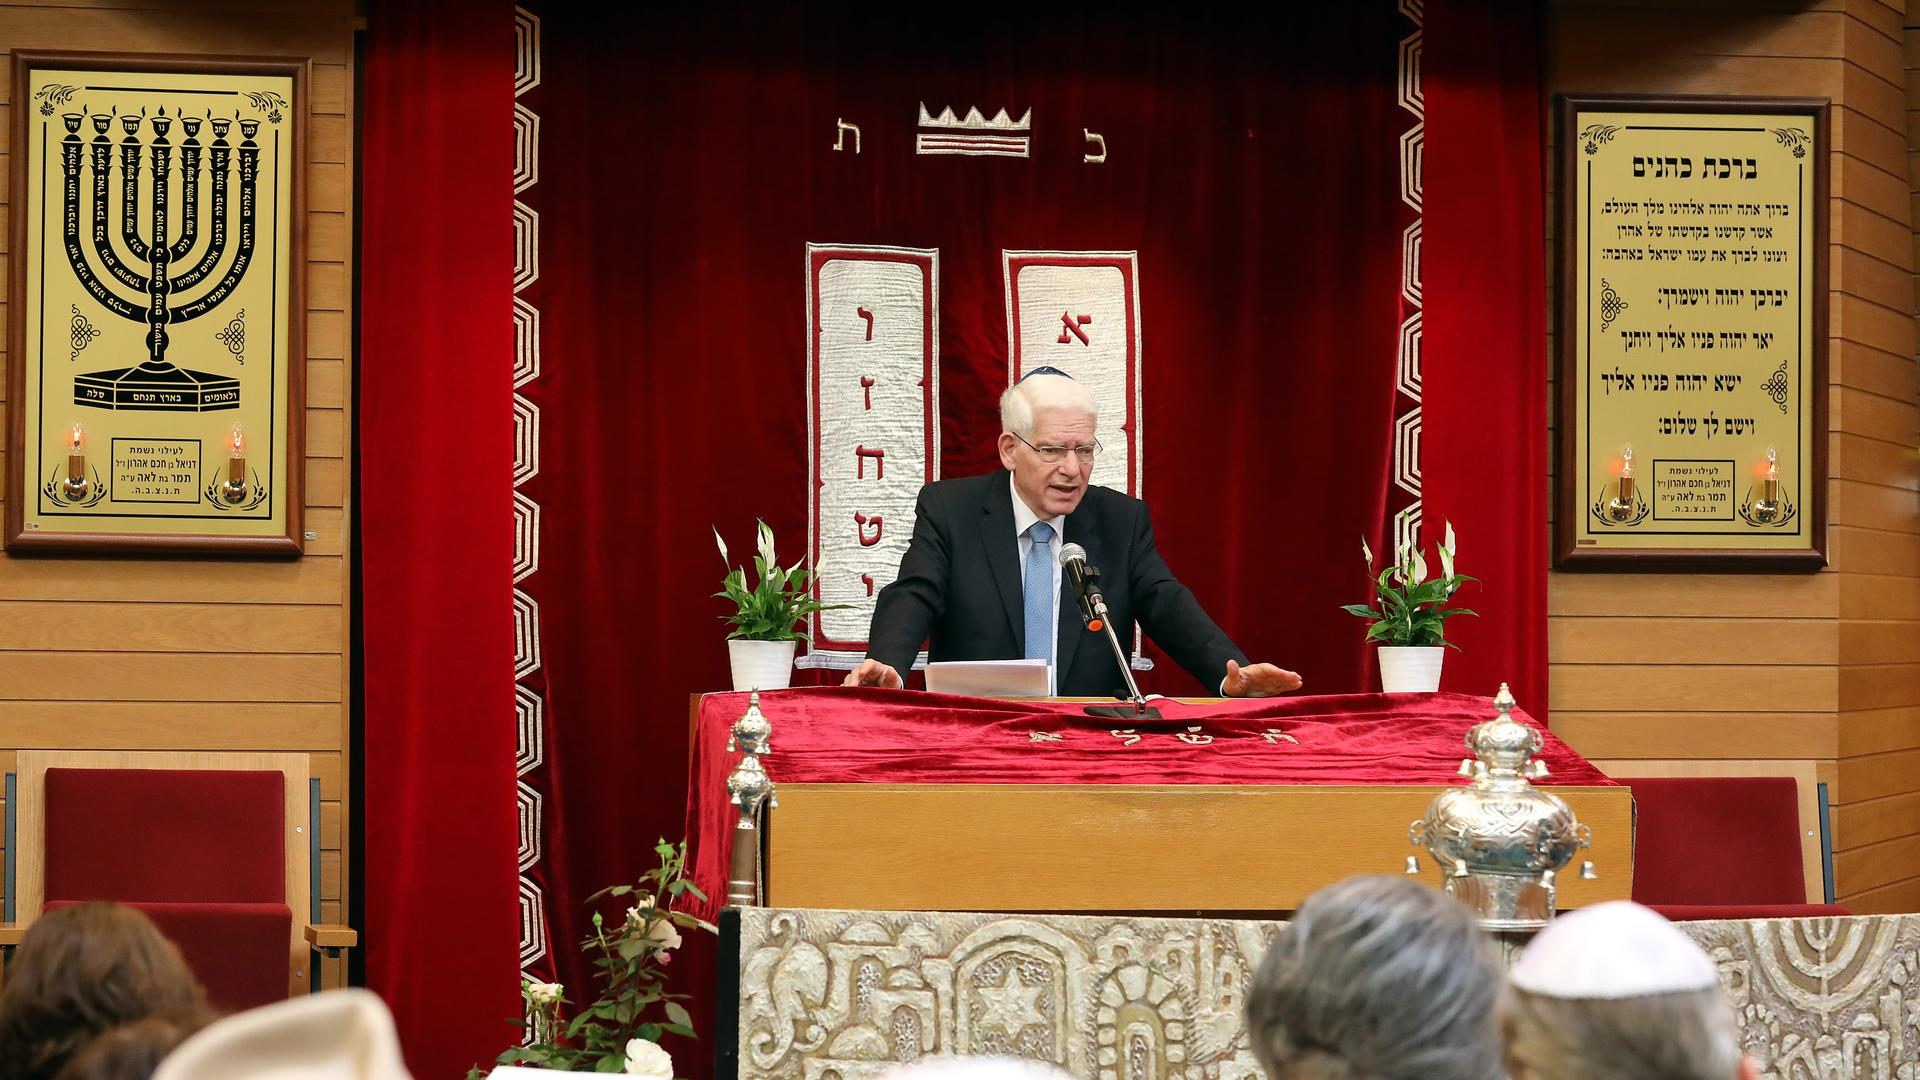 Josef Schuster bei seiner Rede